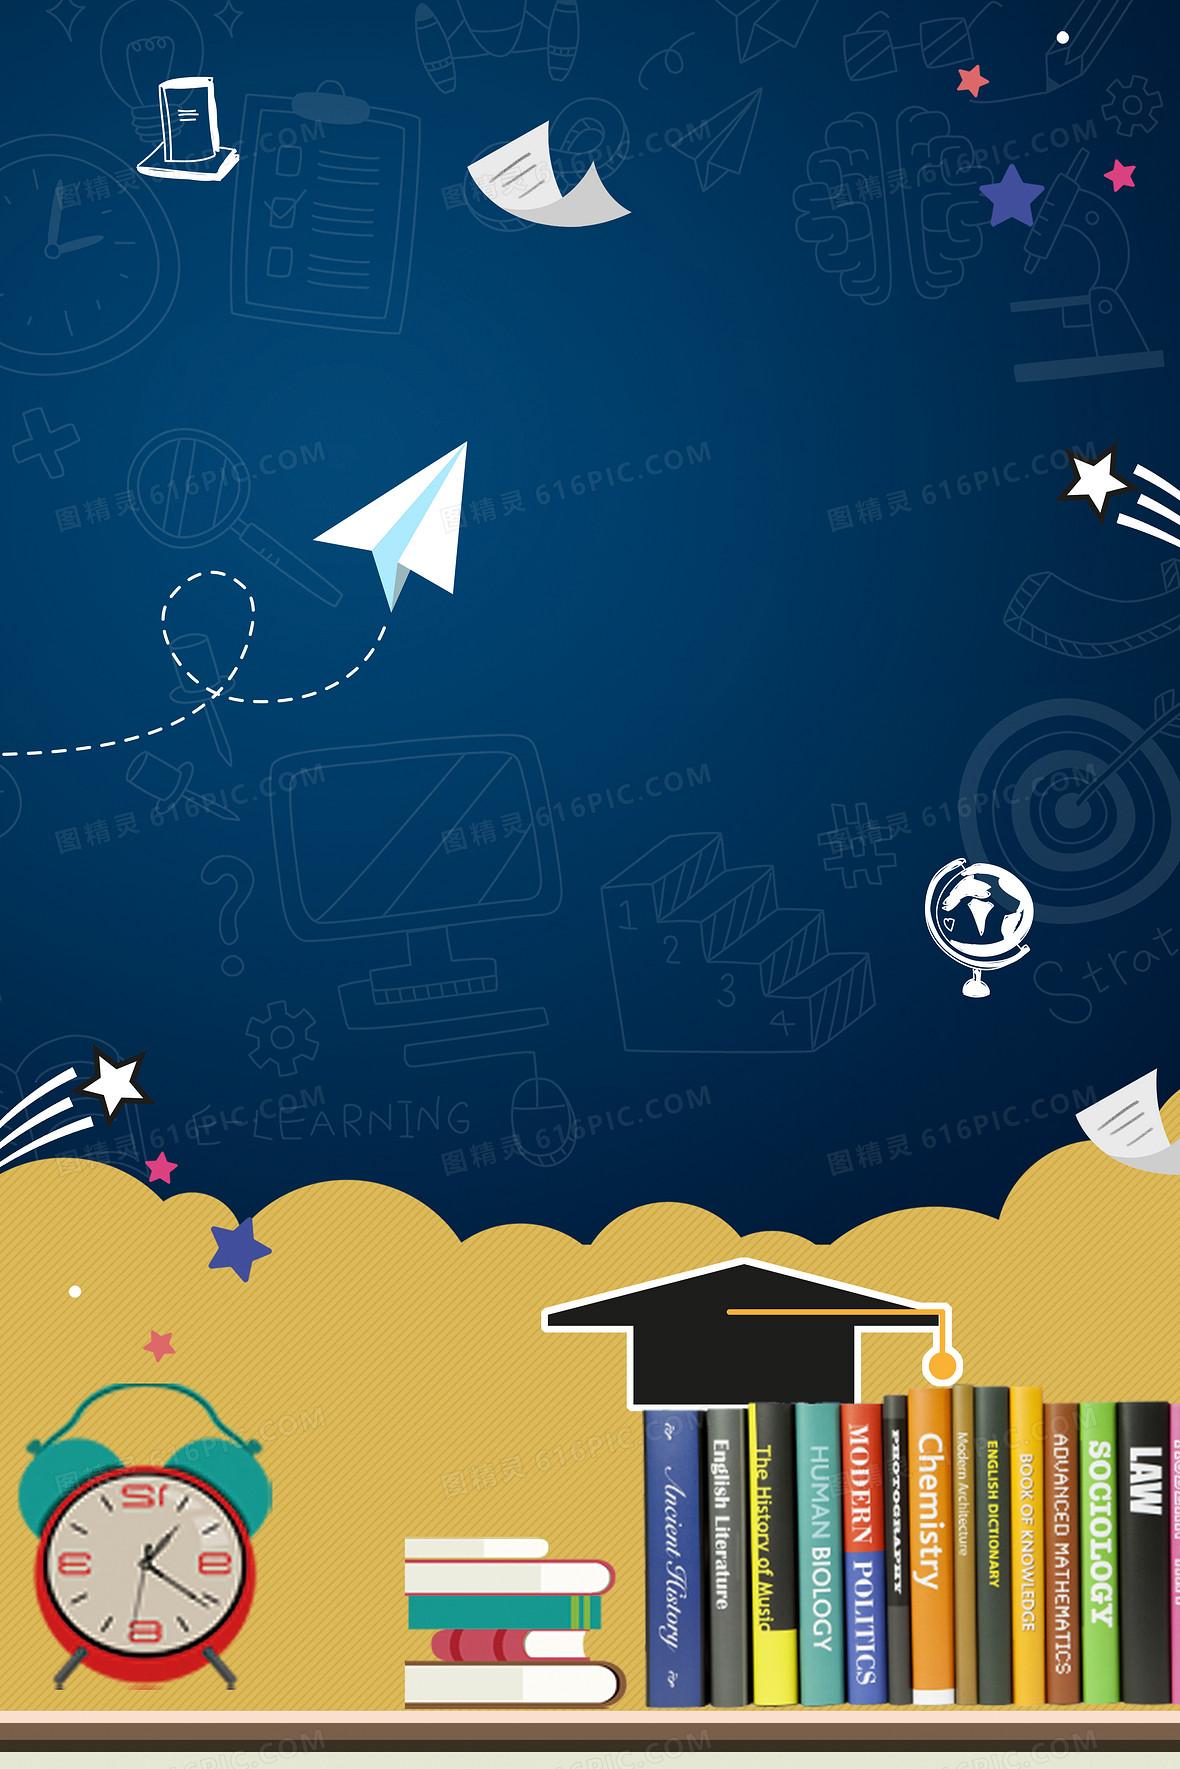 开学季学习用品黑板广告背景素材背景图片下载_4785x